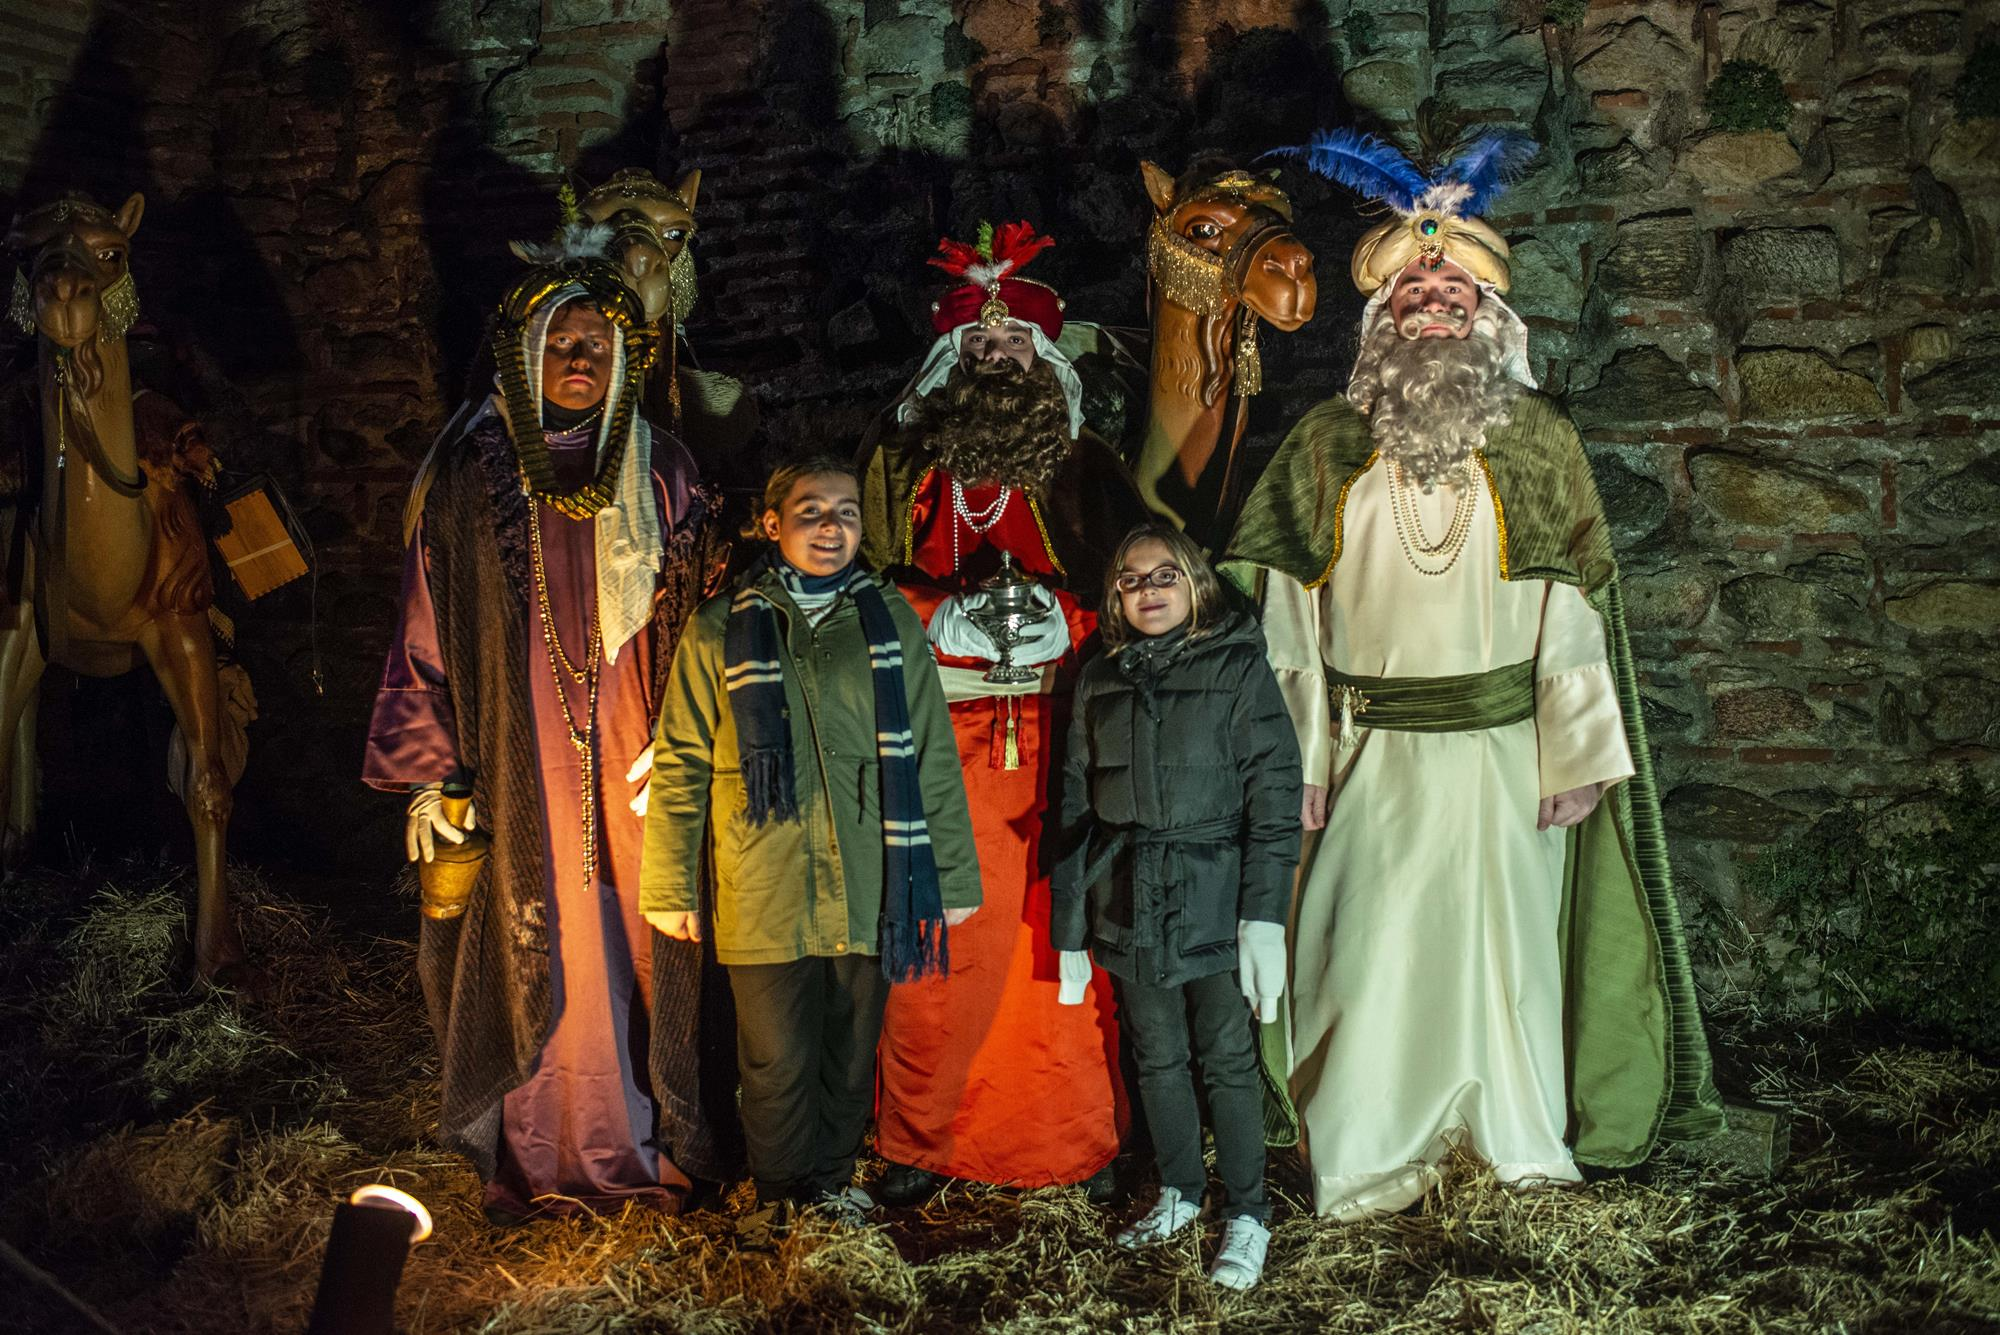 La visita a los Reyes Magos de Oriente, una de las paradas más ilusionantes para los más pequeños.